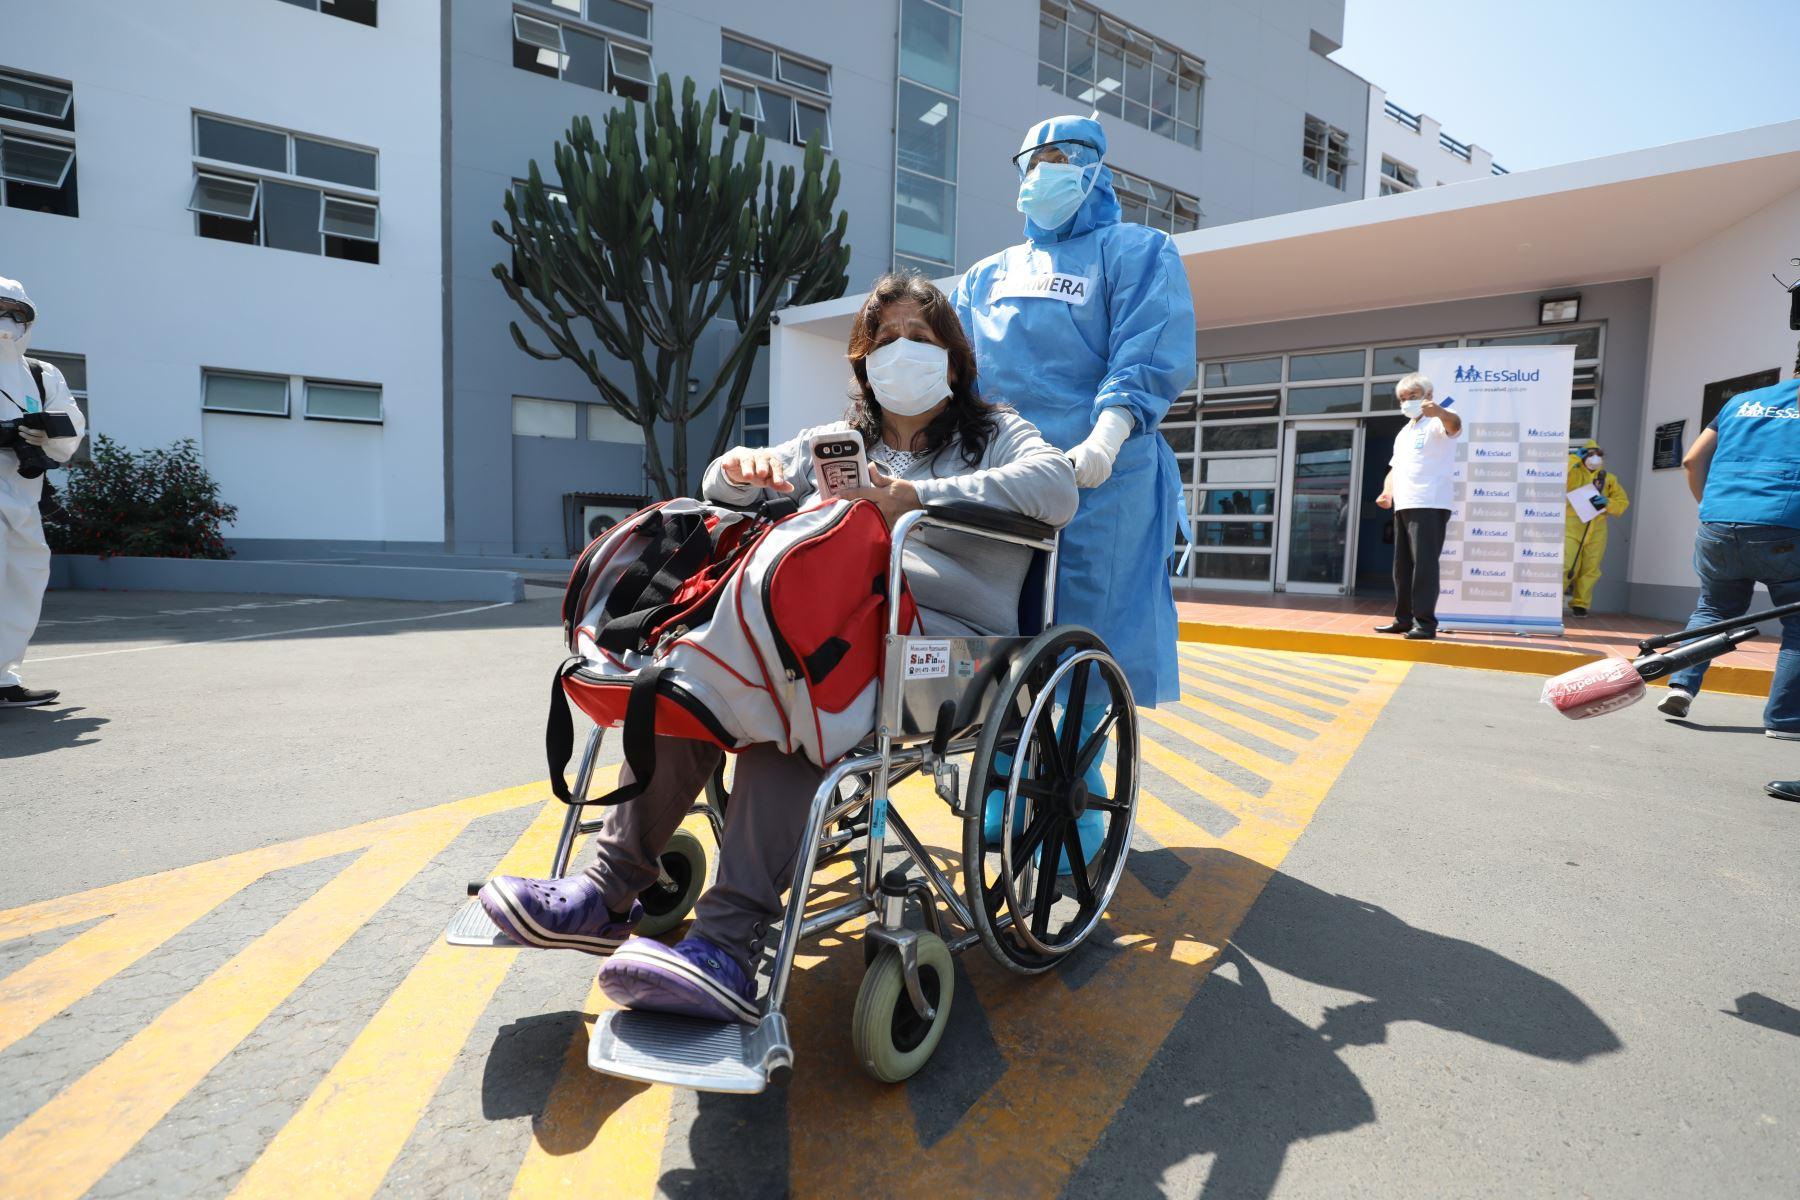 En Perú, 221,008 personas vencieron el covid-19 y pudieron retornar a sus hogares, según el reporte oficial del Minsa. Foto: ANDINA/Difusión